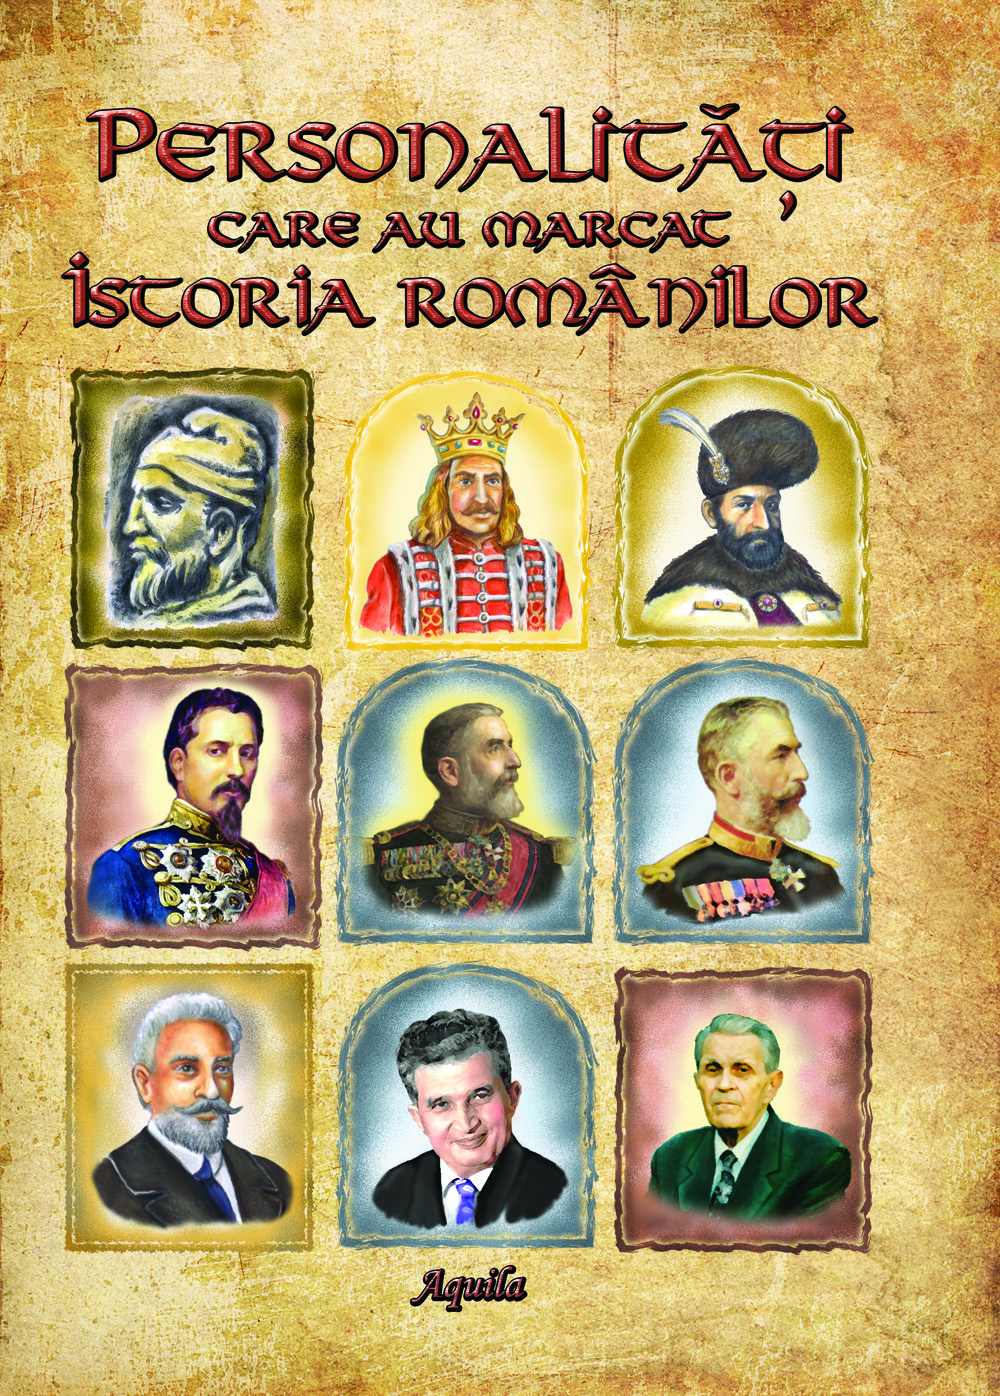 Personalitati care au marcat istoria romanilor